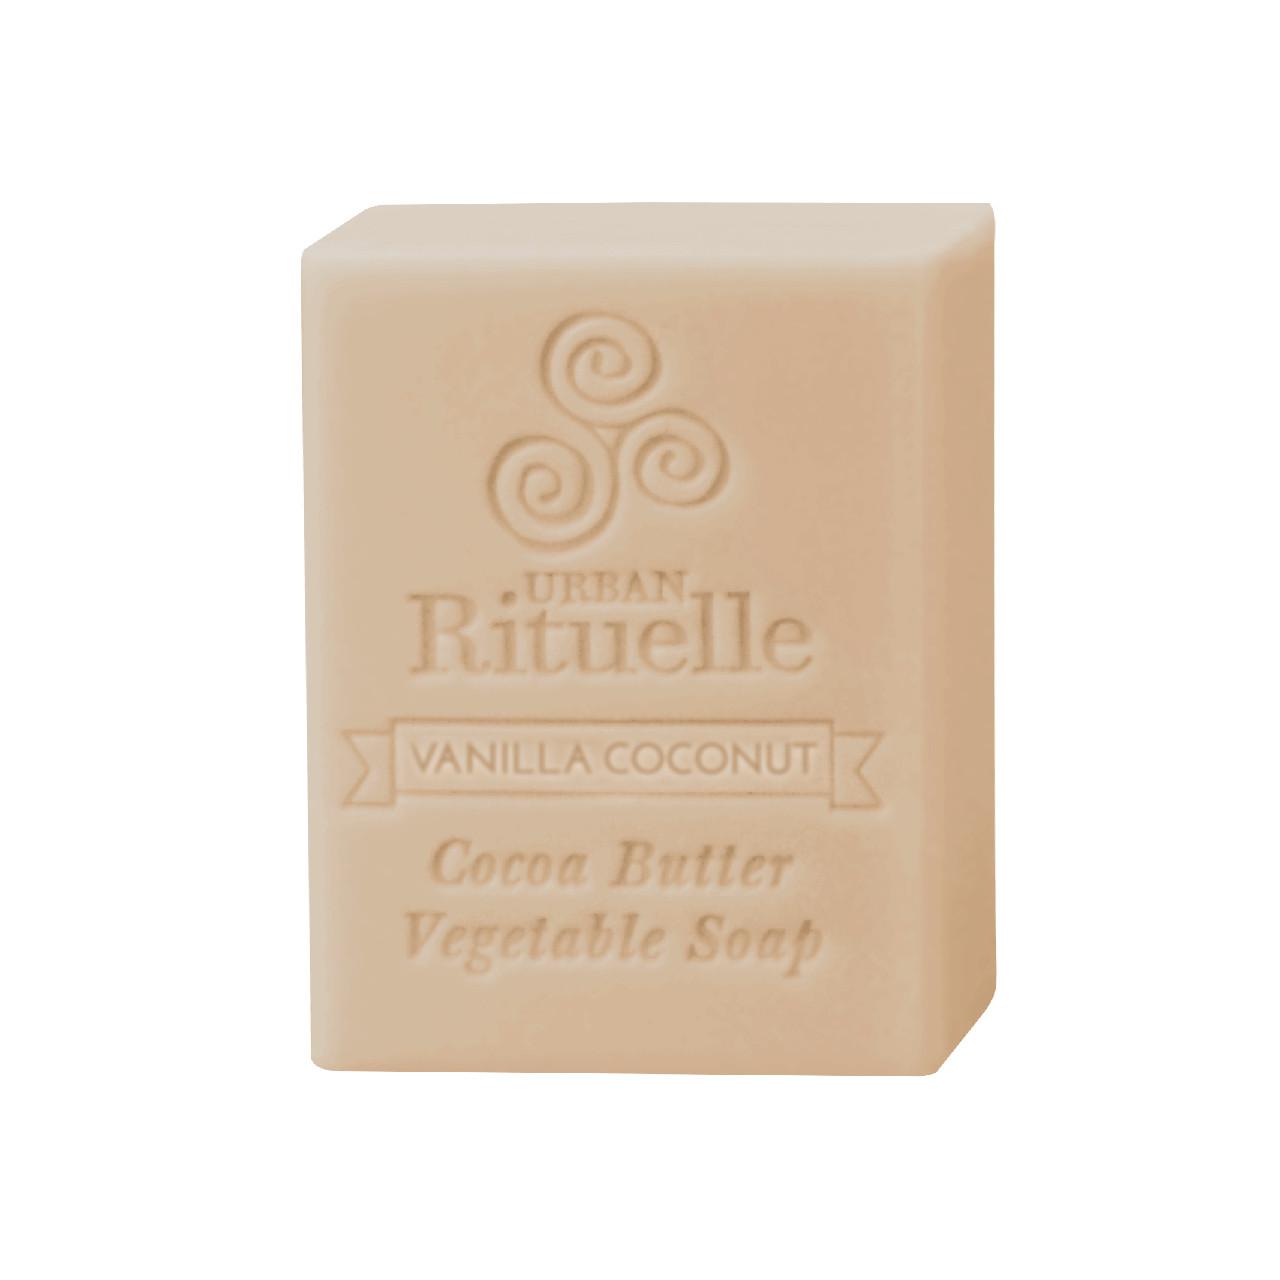 Organic Cocoa Butter Vegetable Soap - Vanilla Coconut - Urban Rituelle